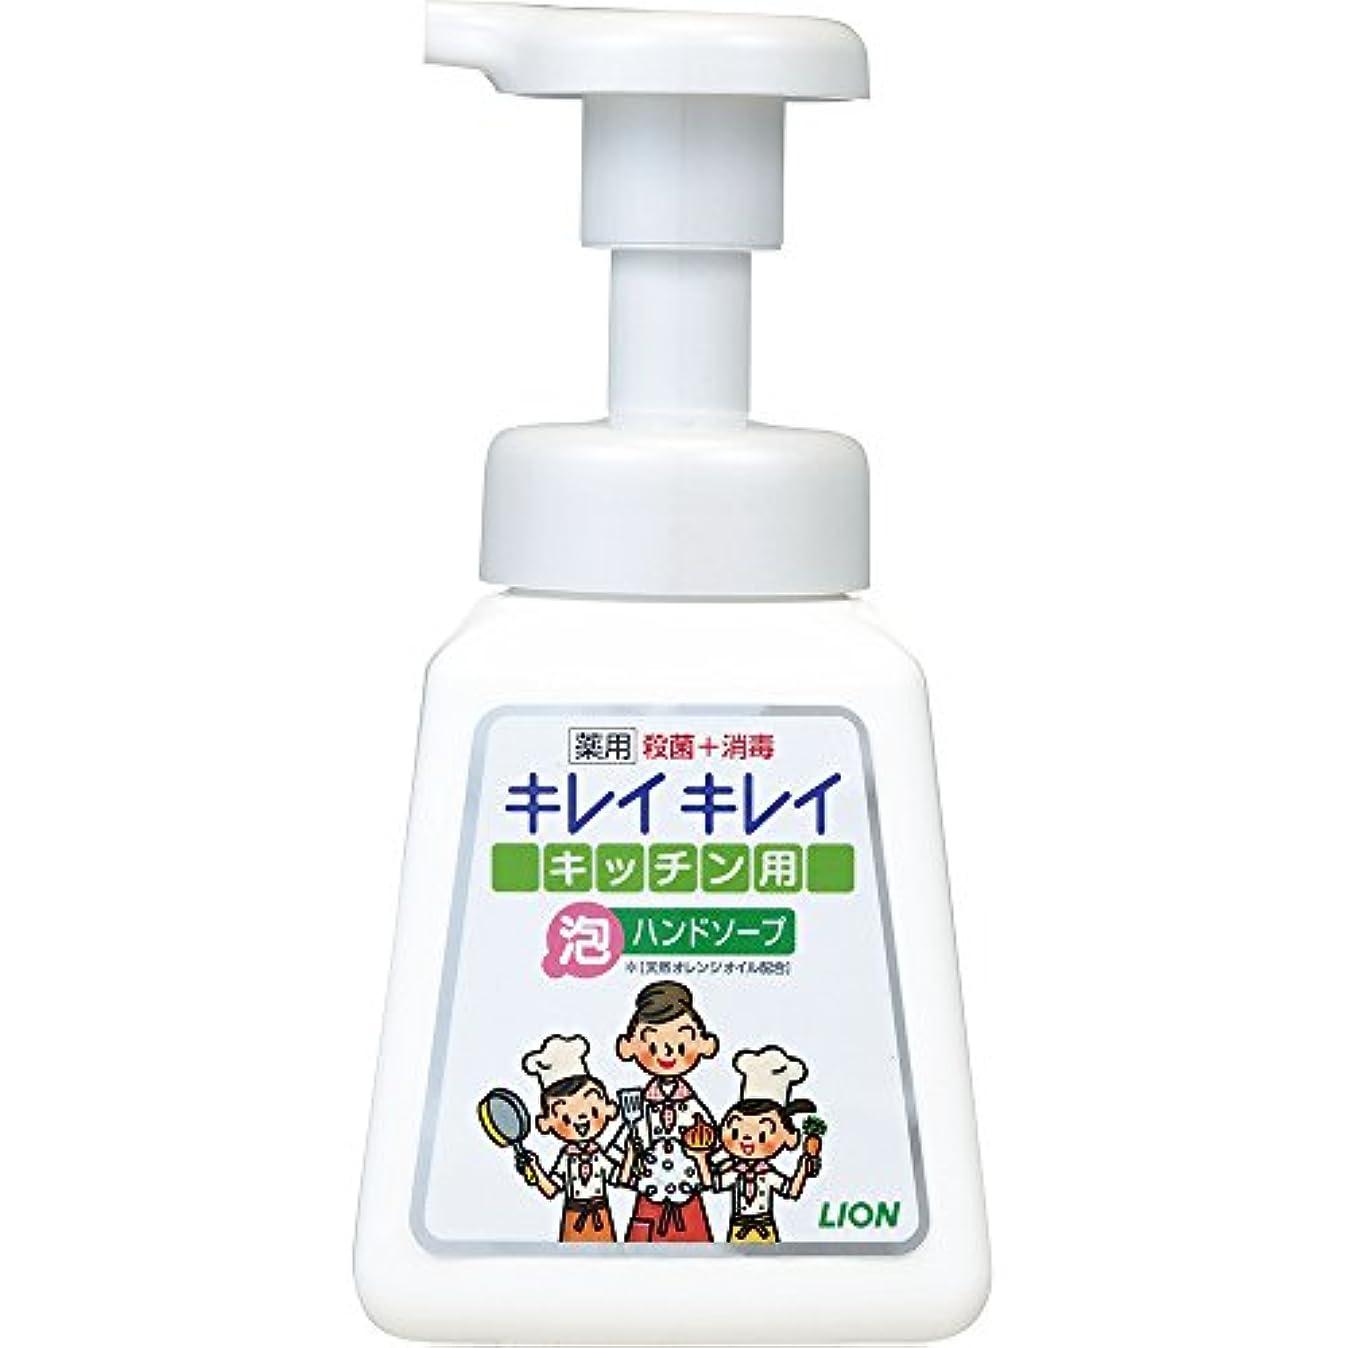 うなり声欠伸一定キレイキレイ 薬用 キッチン泡ハンドソープ 本体ポンプ 230ml(医薬部外品)